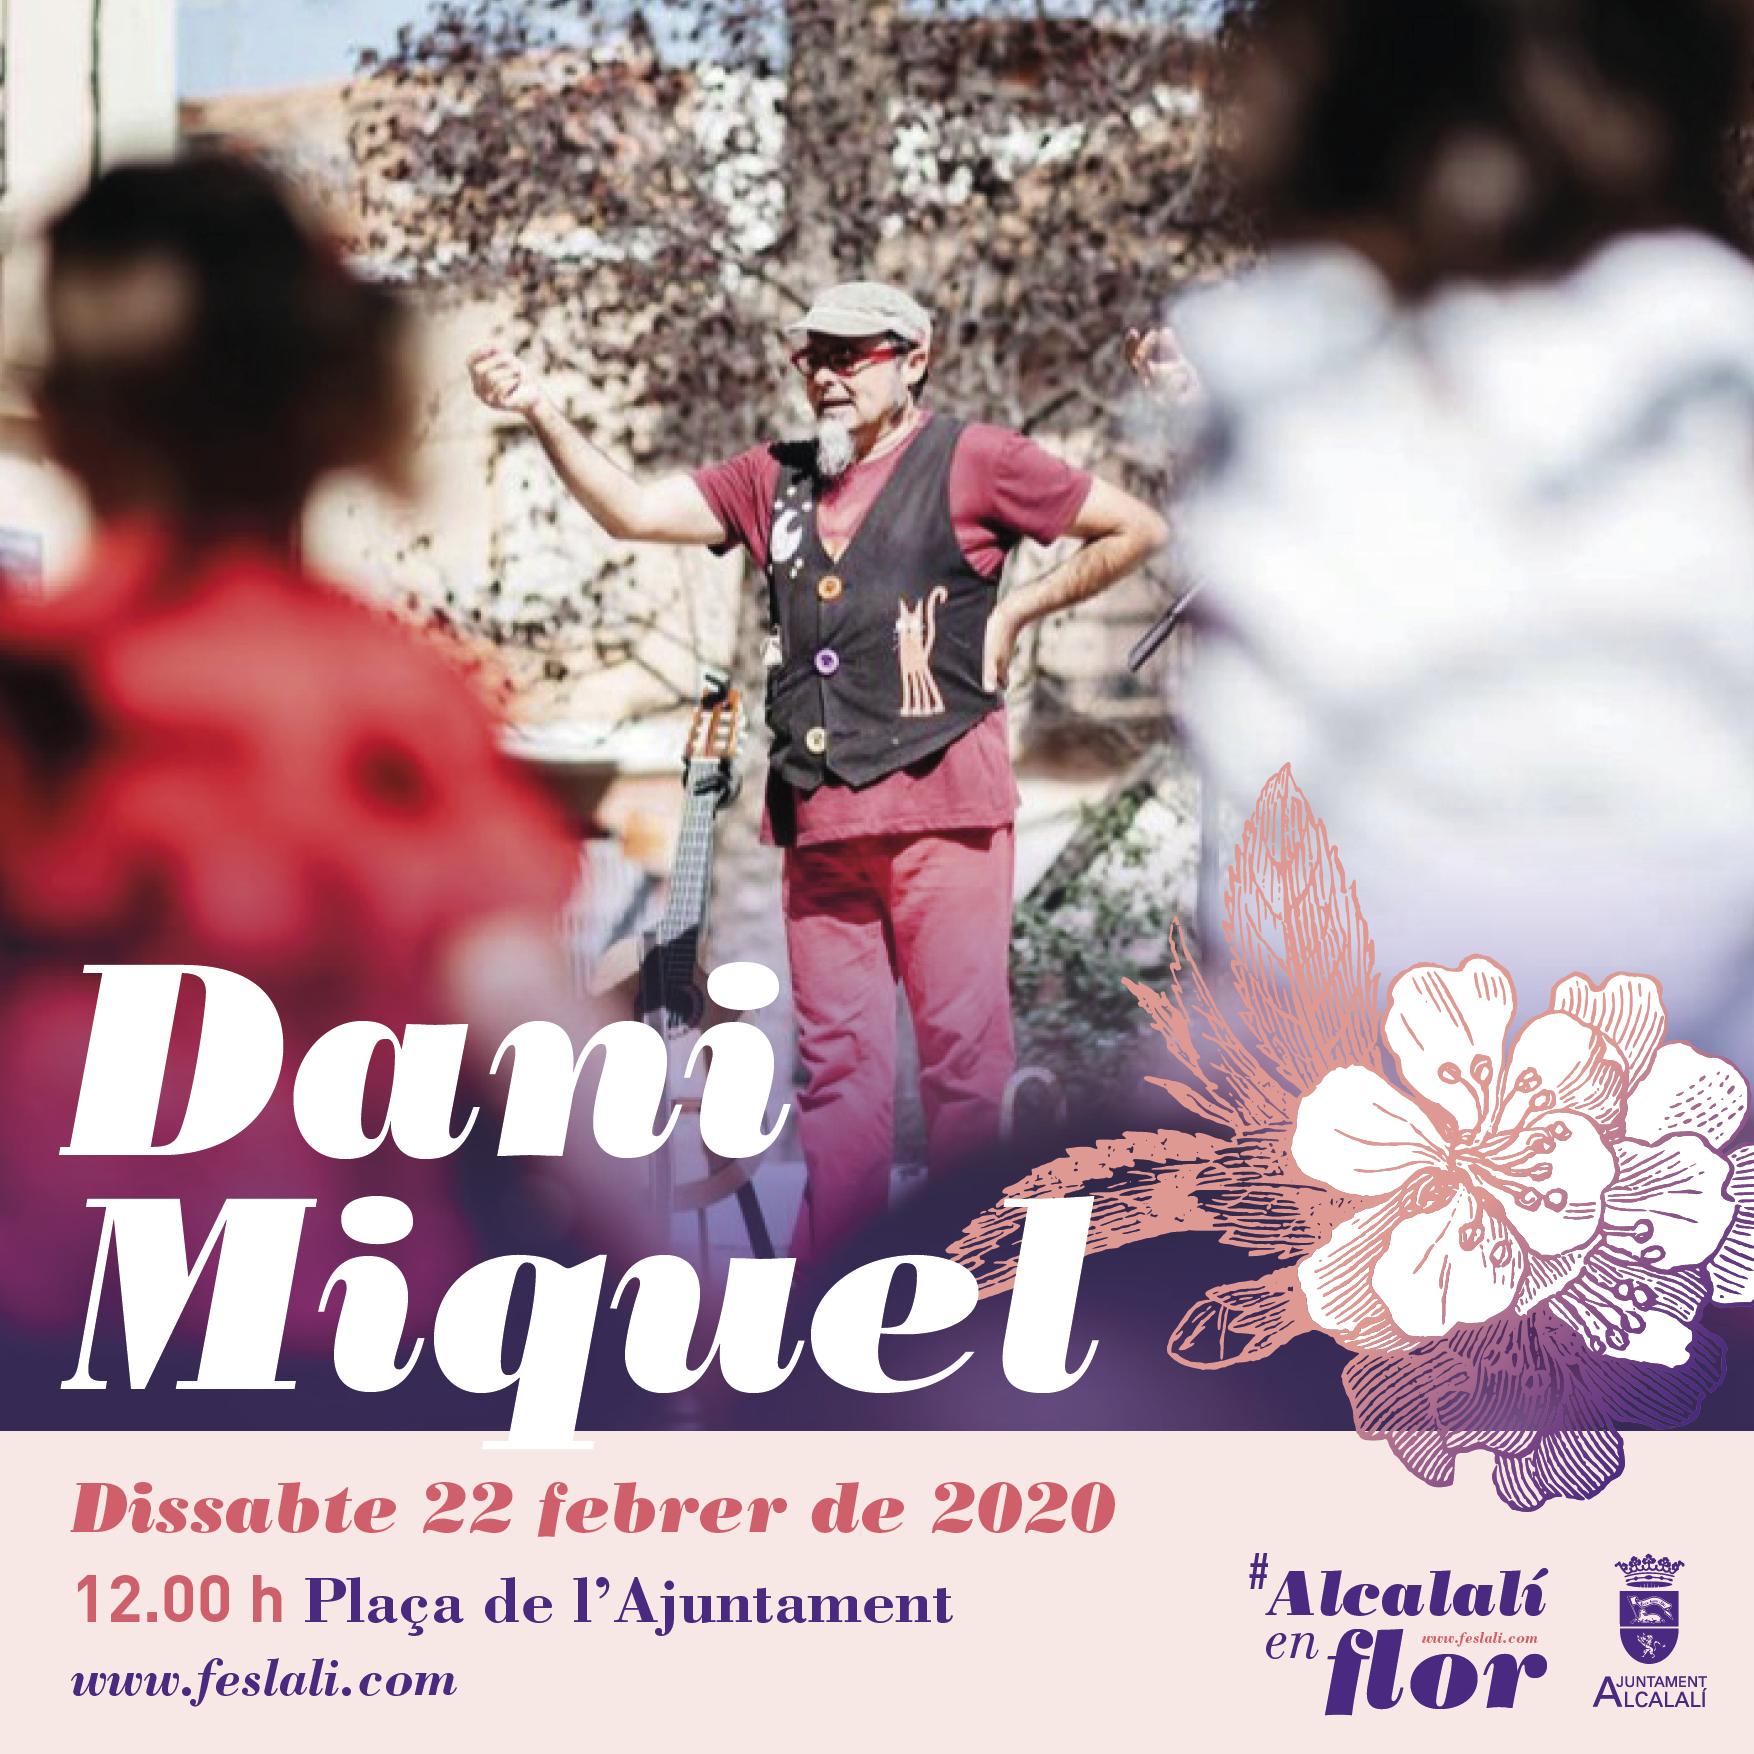 Feslalí, Alcalalí en flor - Dani Miquel